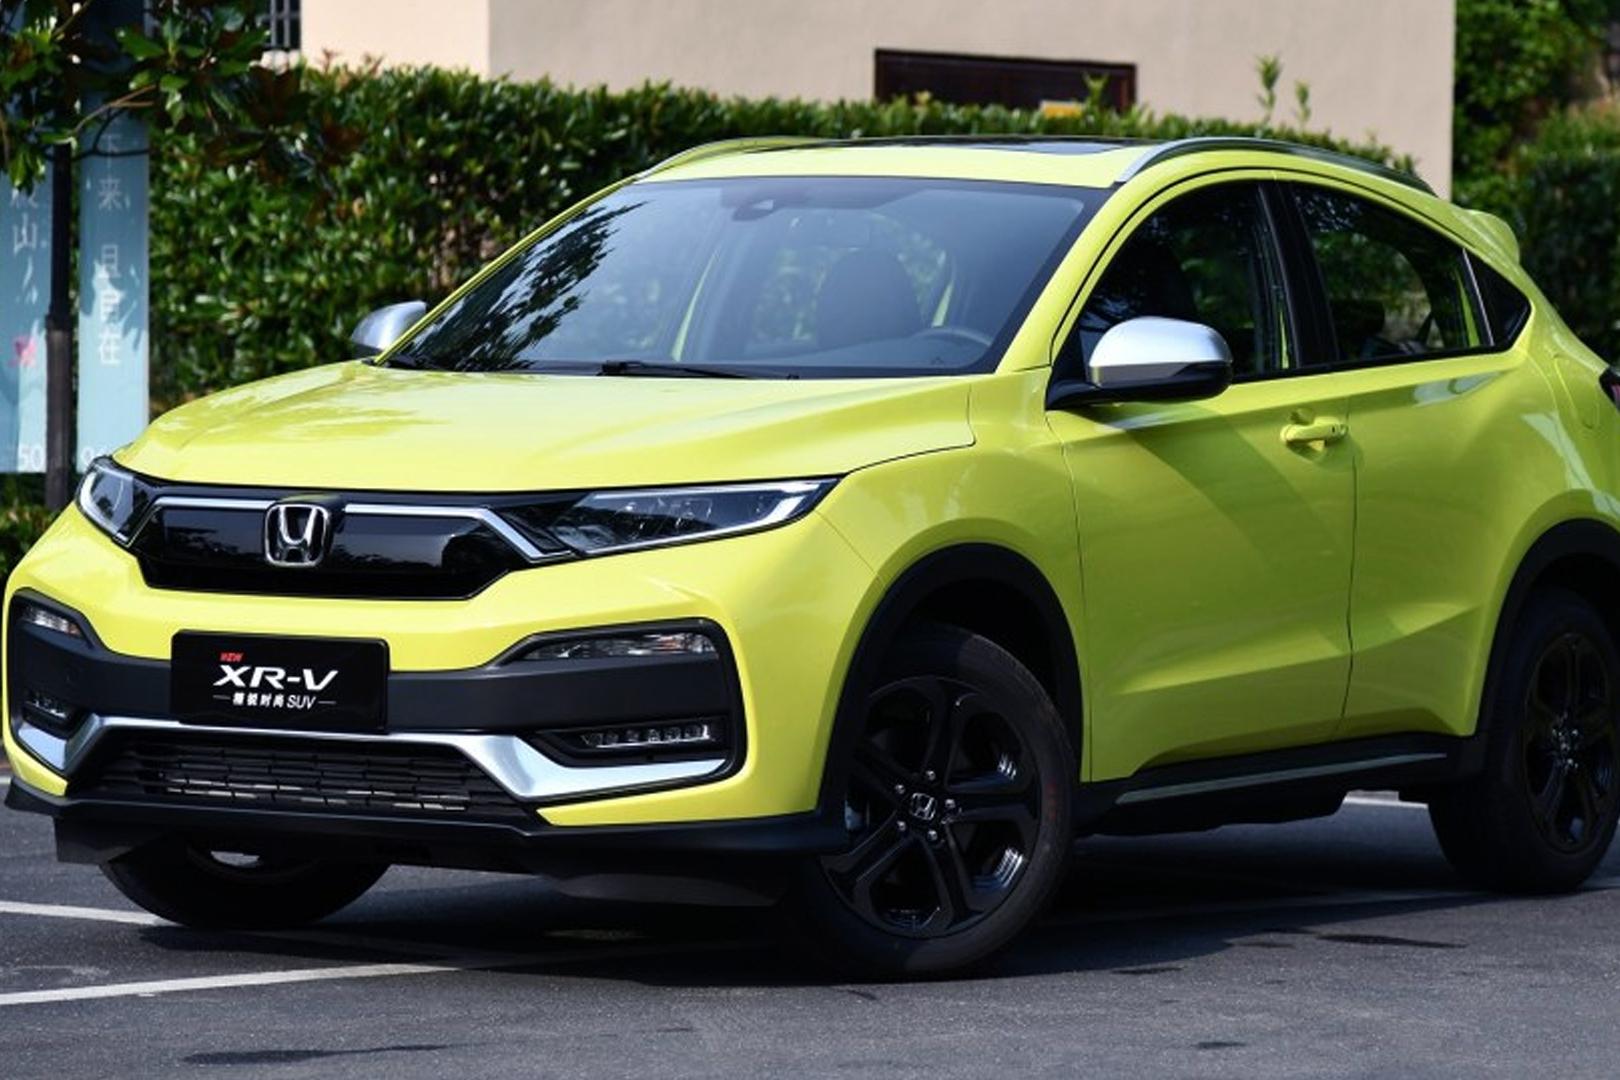 换装1.5T发动机!售12.79万起,东风本田新款XR-V正式上市